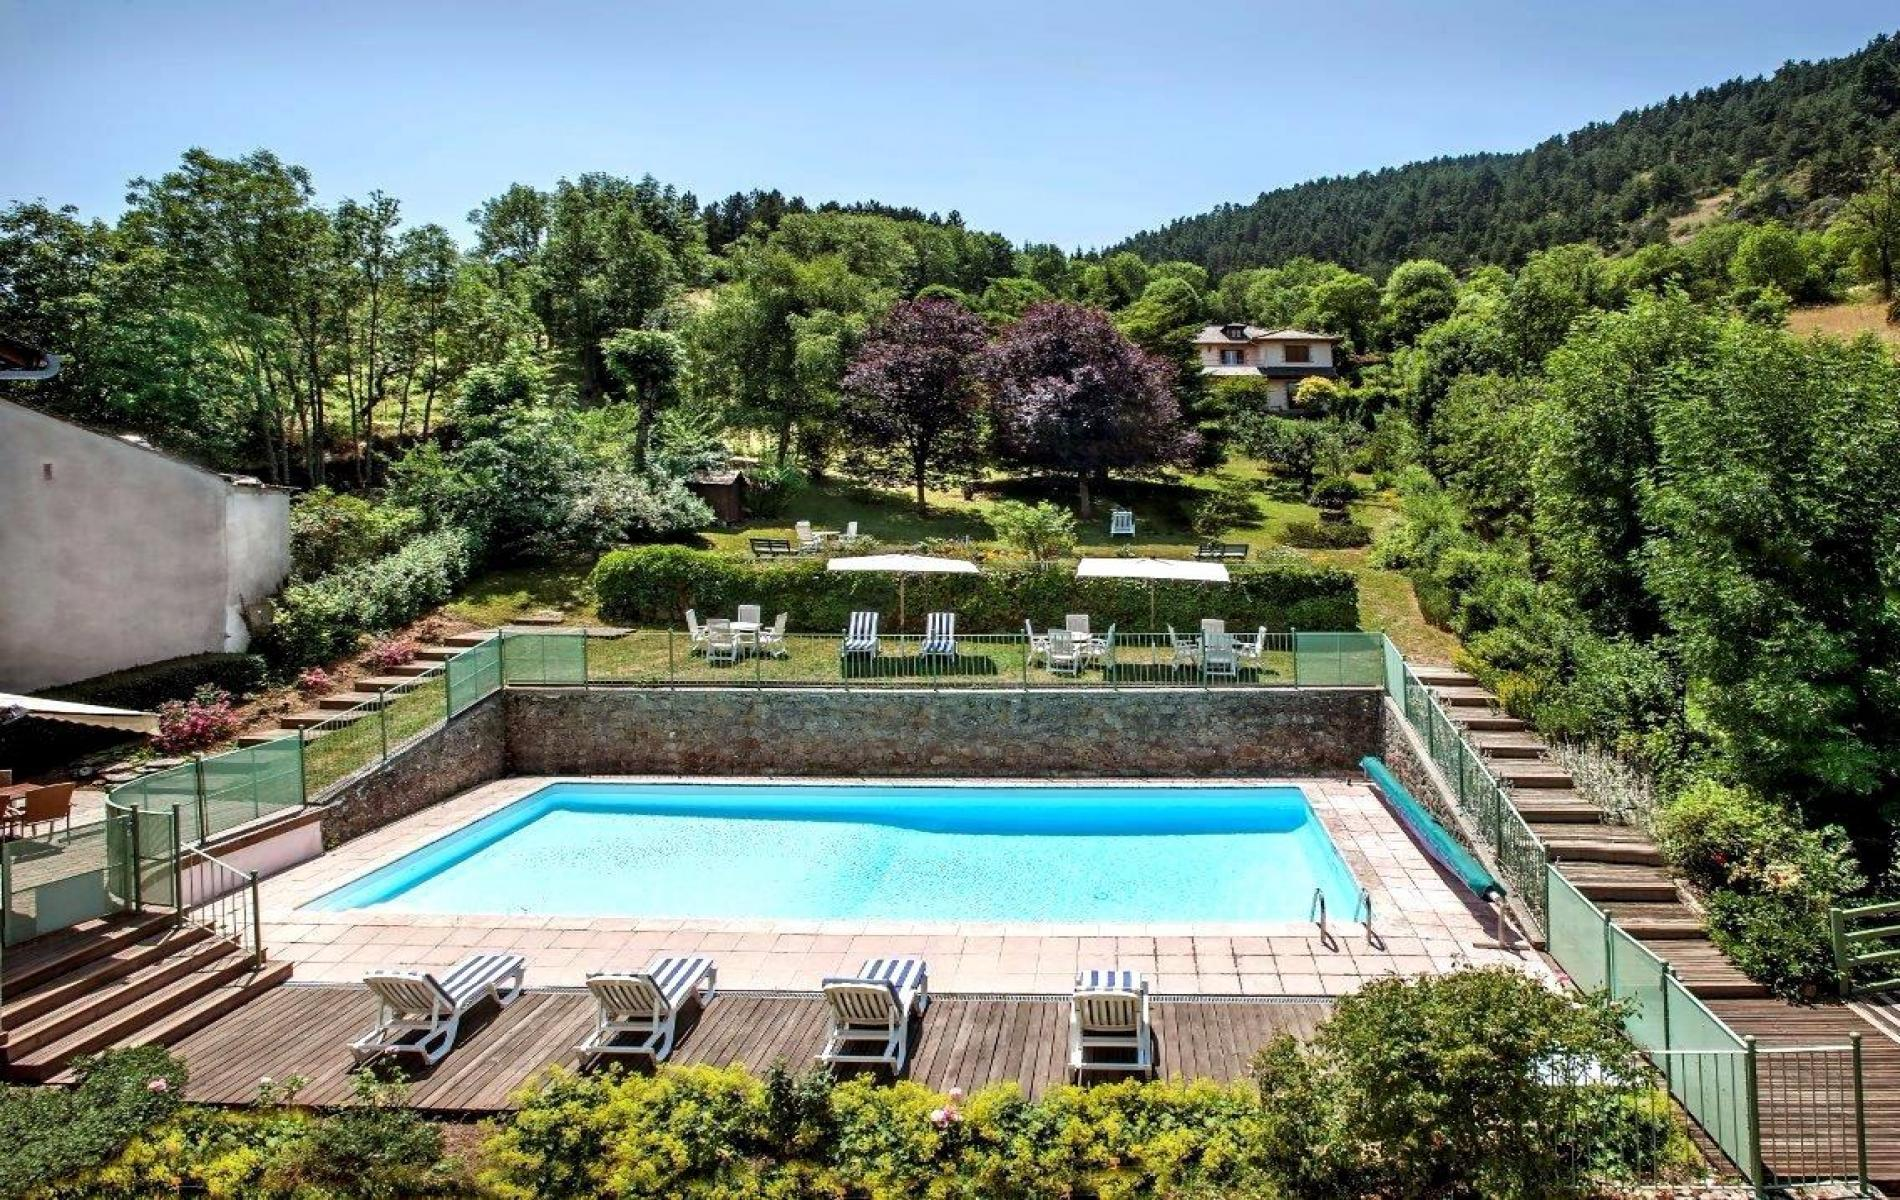 Farniente et détente , la piscine et son environnement champêtre